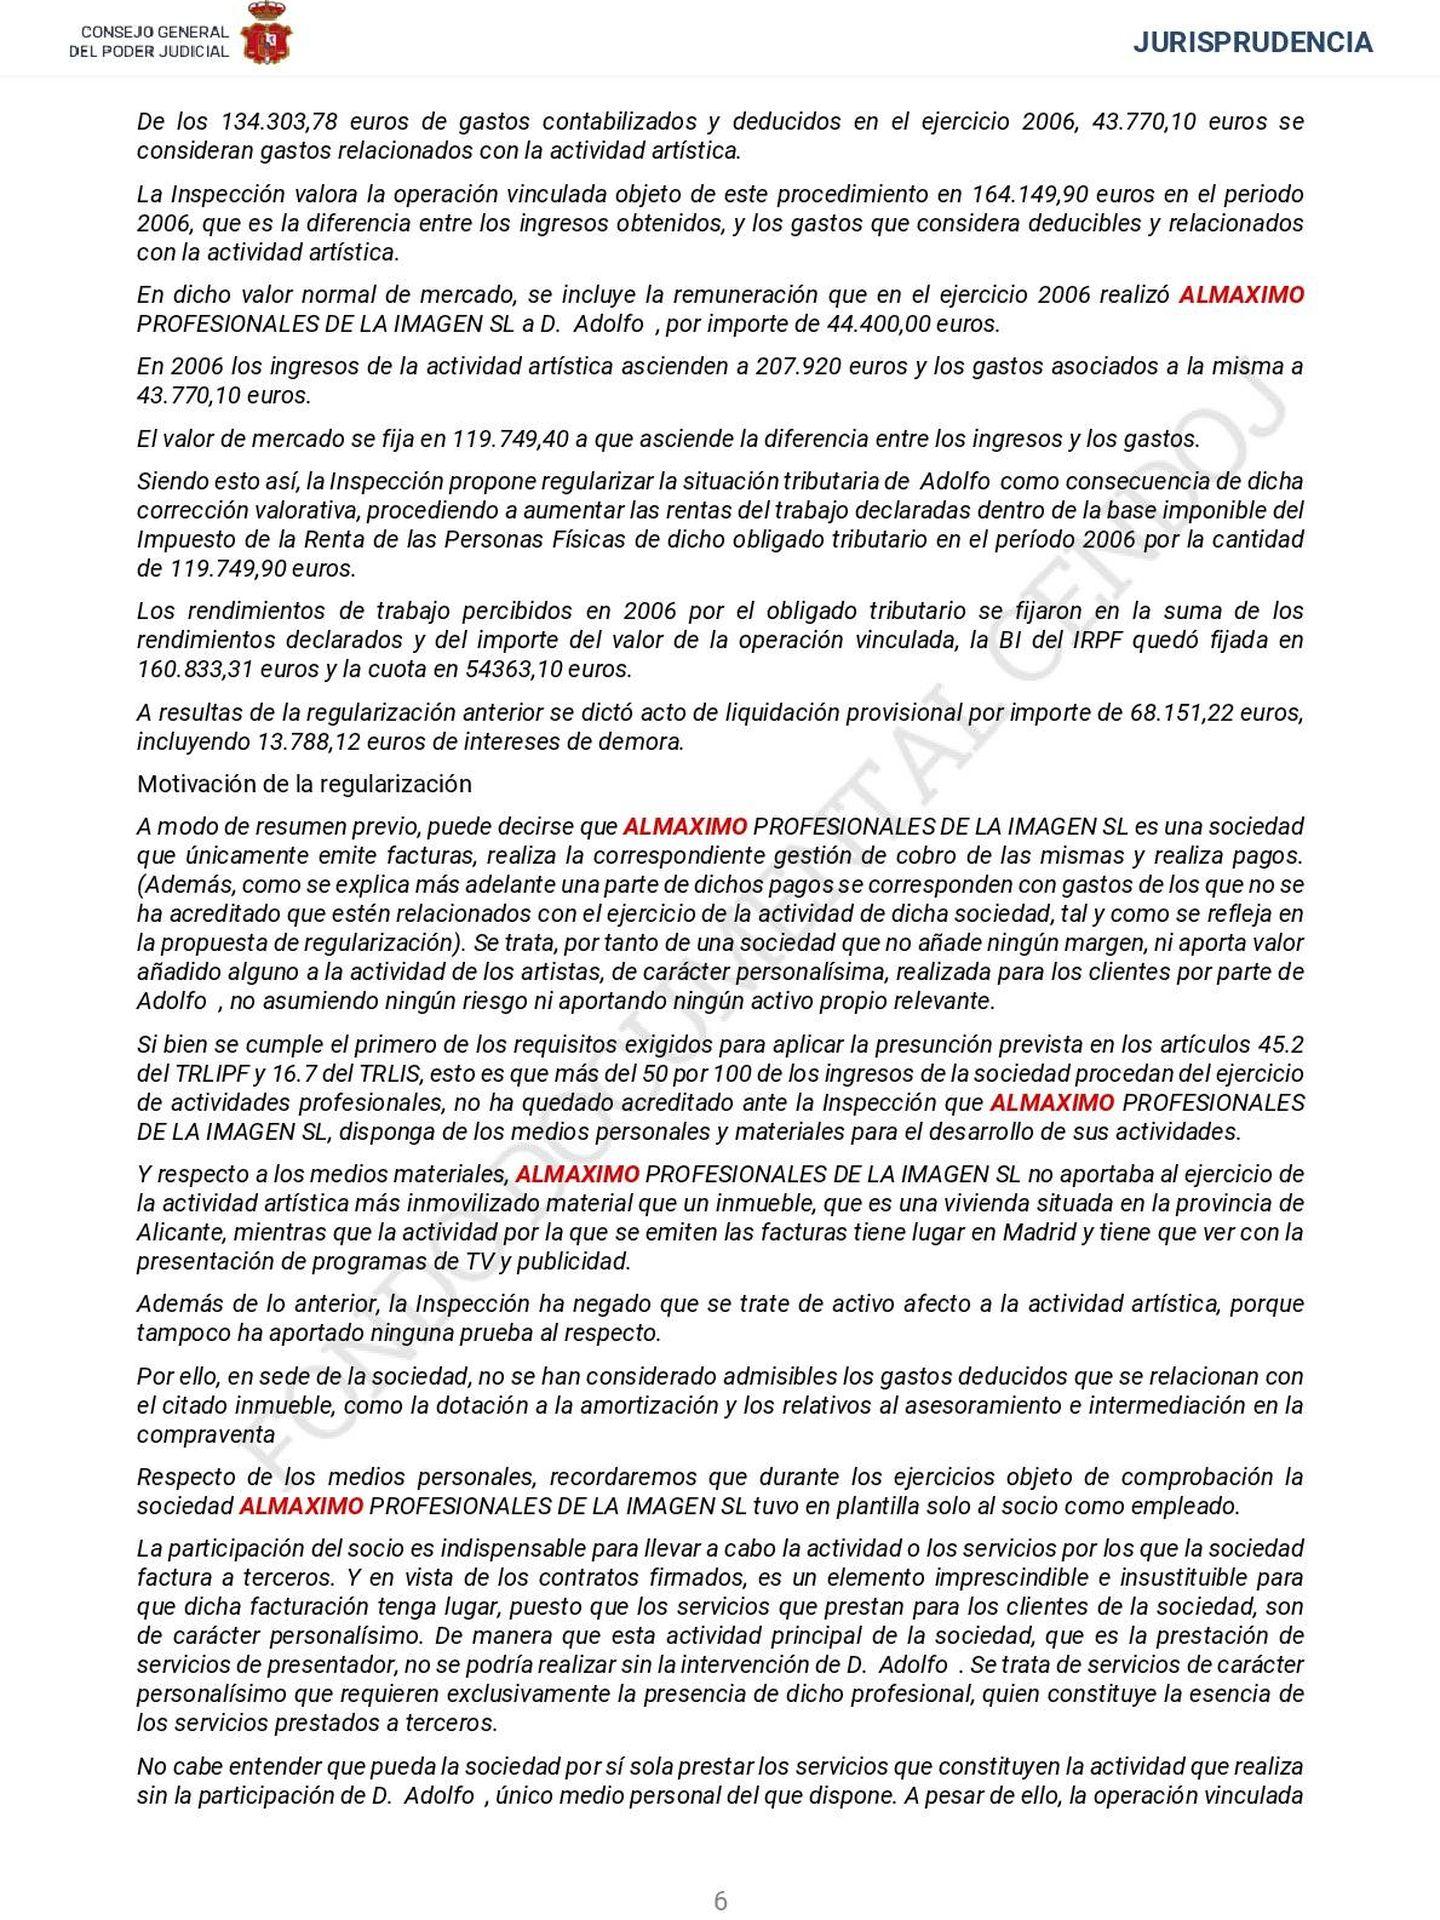 Extracto de la sentencia de los ejercicios 2007 y 2008. (Fuente: Cendoj. Pulse para ampliar)